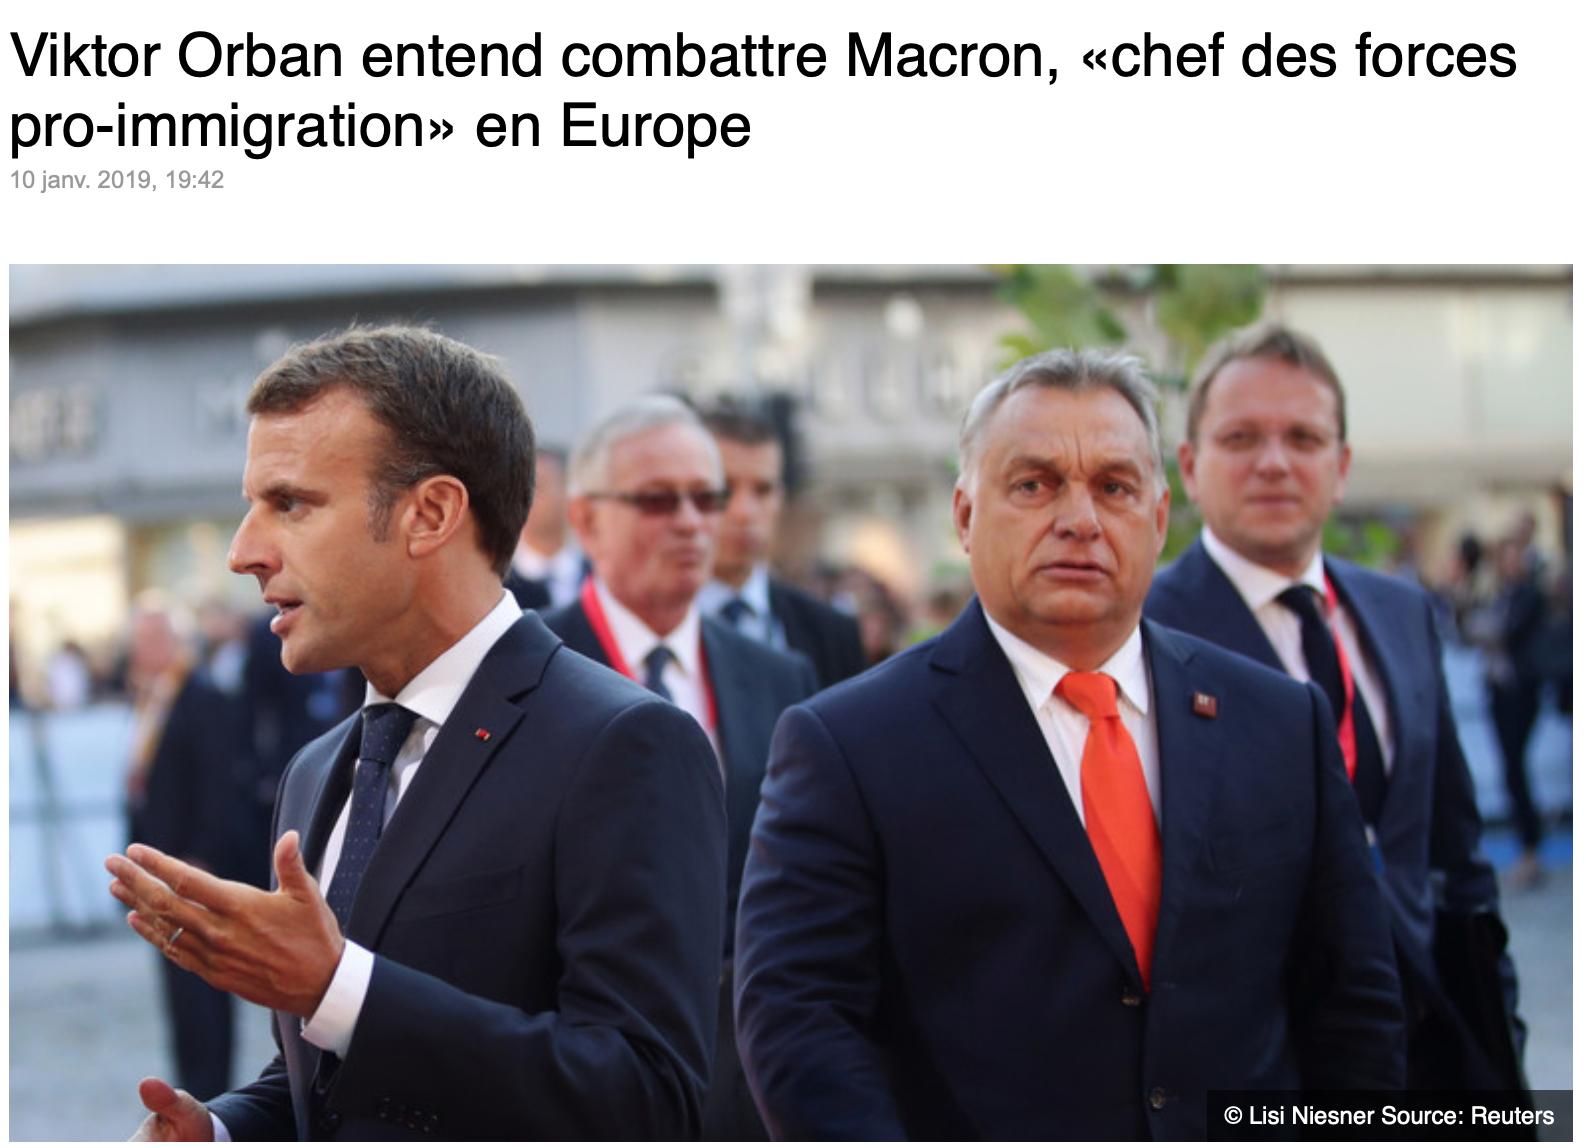 Un vent anti-Macron se lève en Europe ;  après Salvini, Orban entre dans la danse